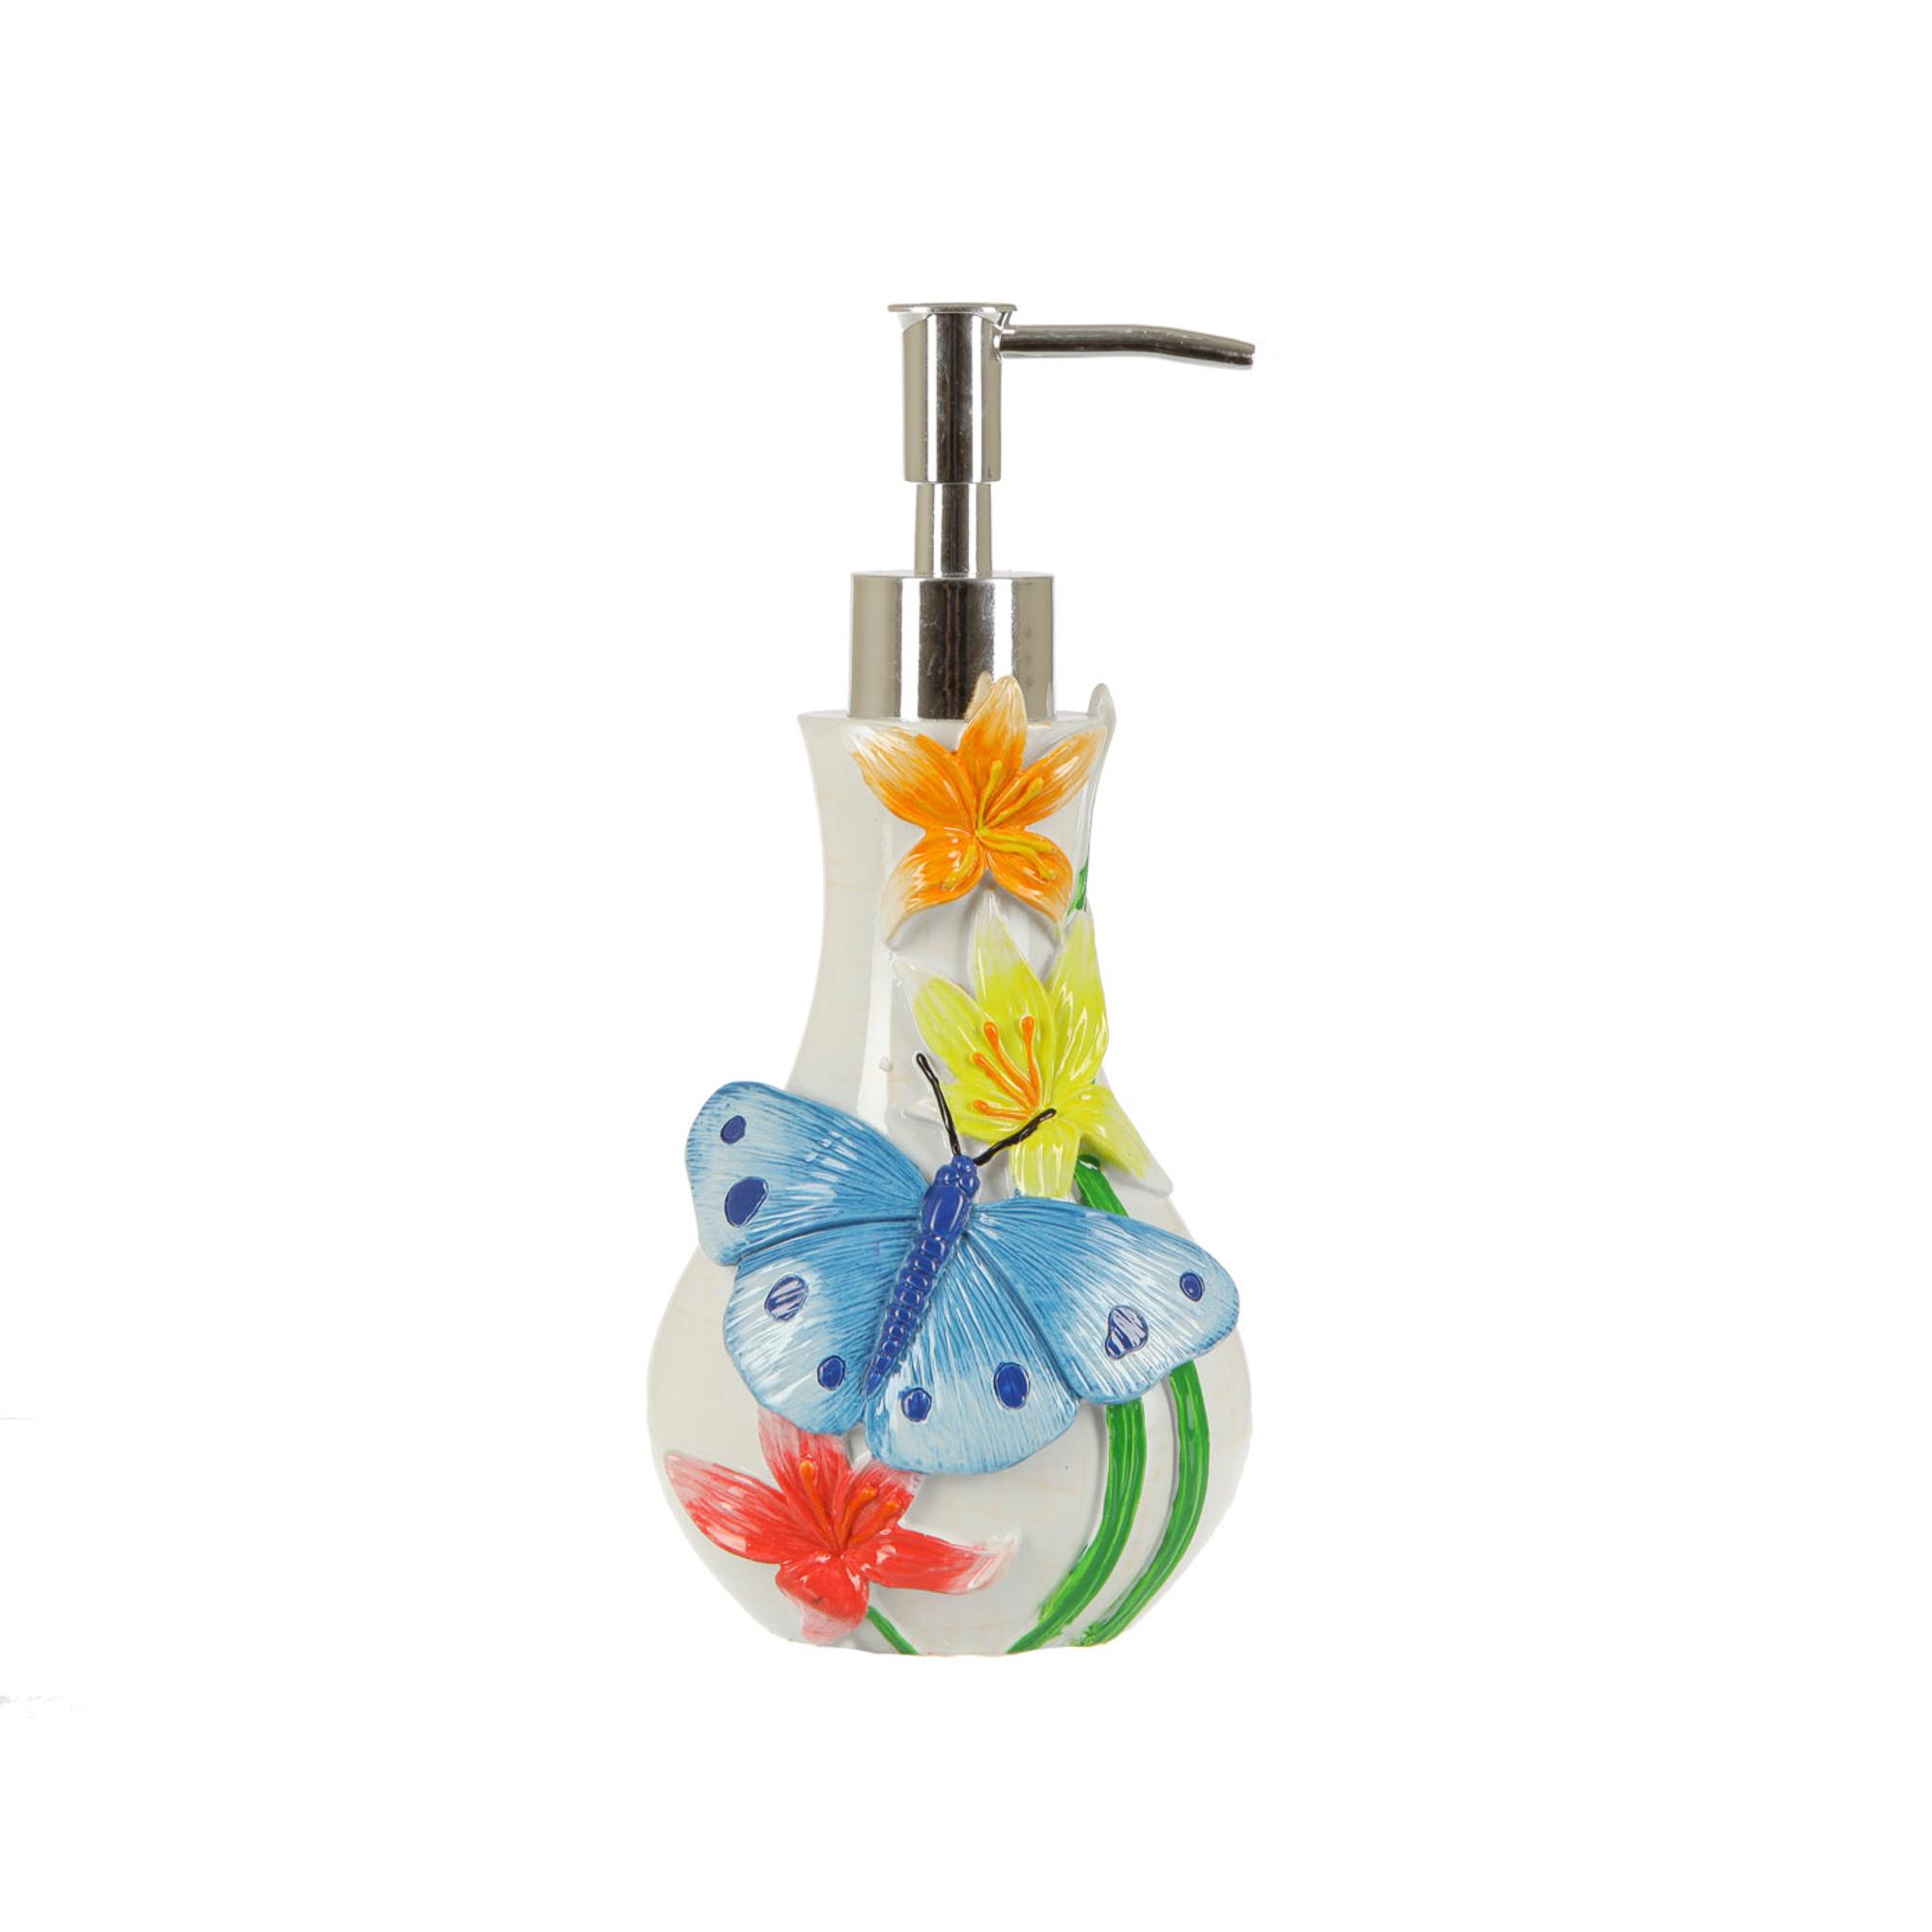 Дозатор для жидкого мыла PRIMANOVA meadow фото